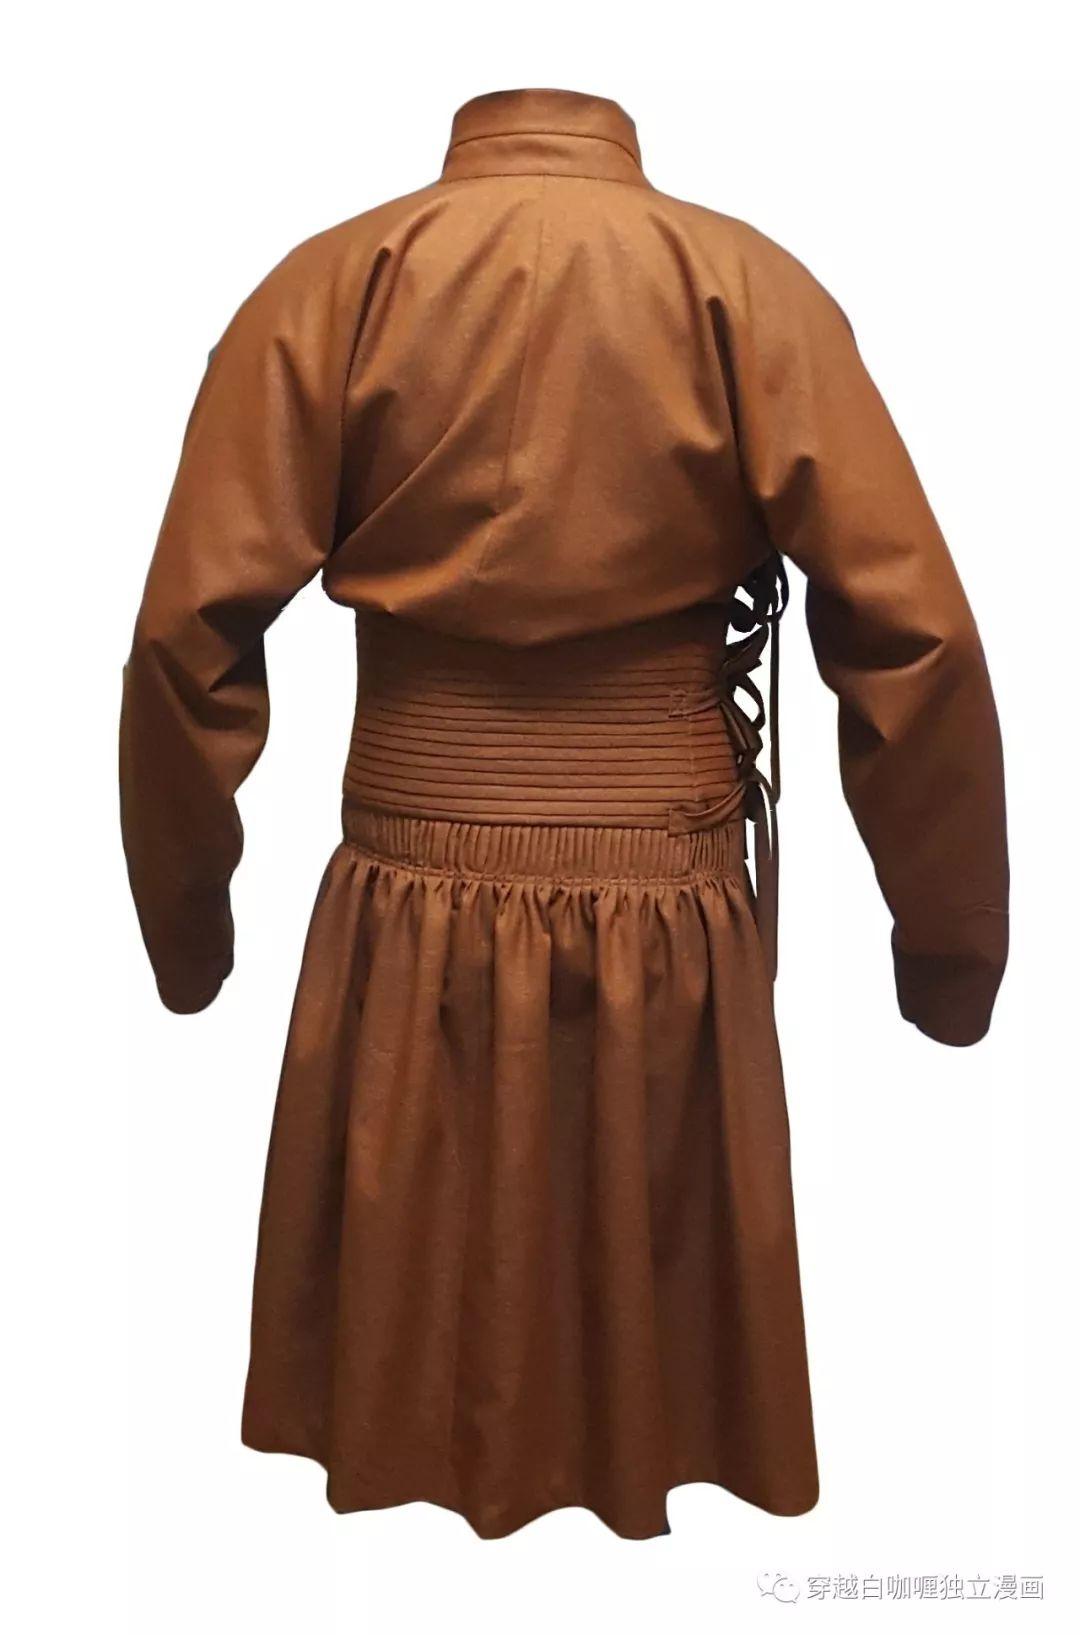 【蒙古文化】什么是蒙古袍? ᠳᠡᠪᠡᠯᠤᠨ ᠲᠤᠬᠠᠢ 第16张 【蒙古文化】什么是蒙古袍? ᠳᠡᠪᠡᠯᠤᠨ ᠲᠤᠬᠠᠢ 蒙古服饰